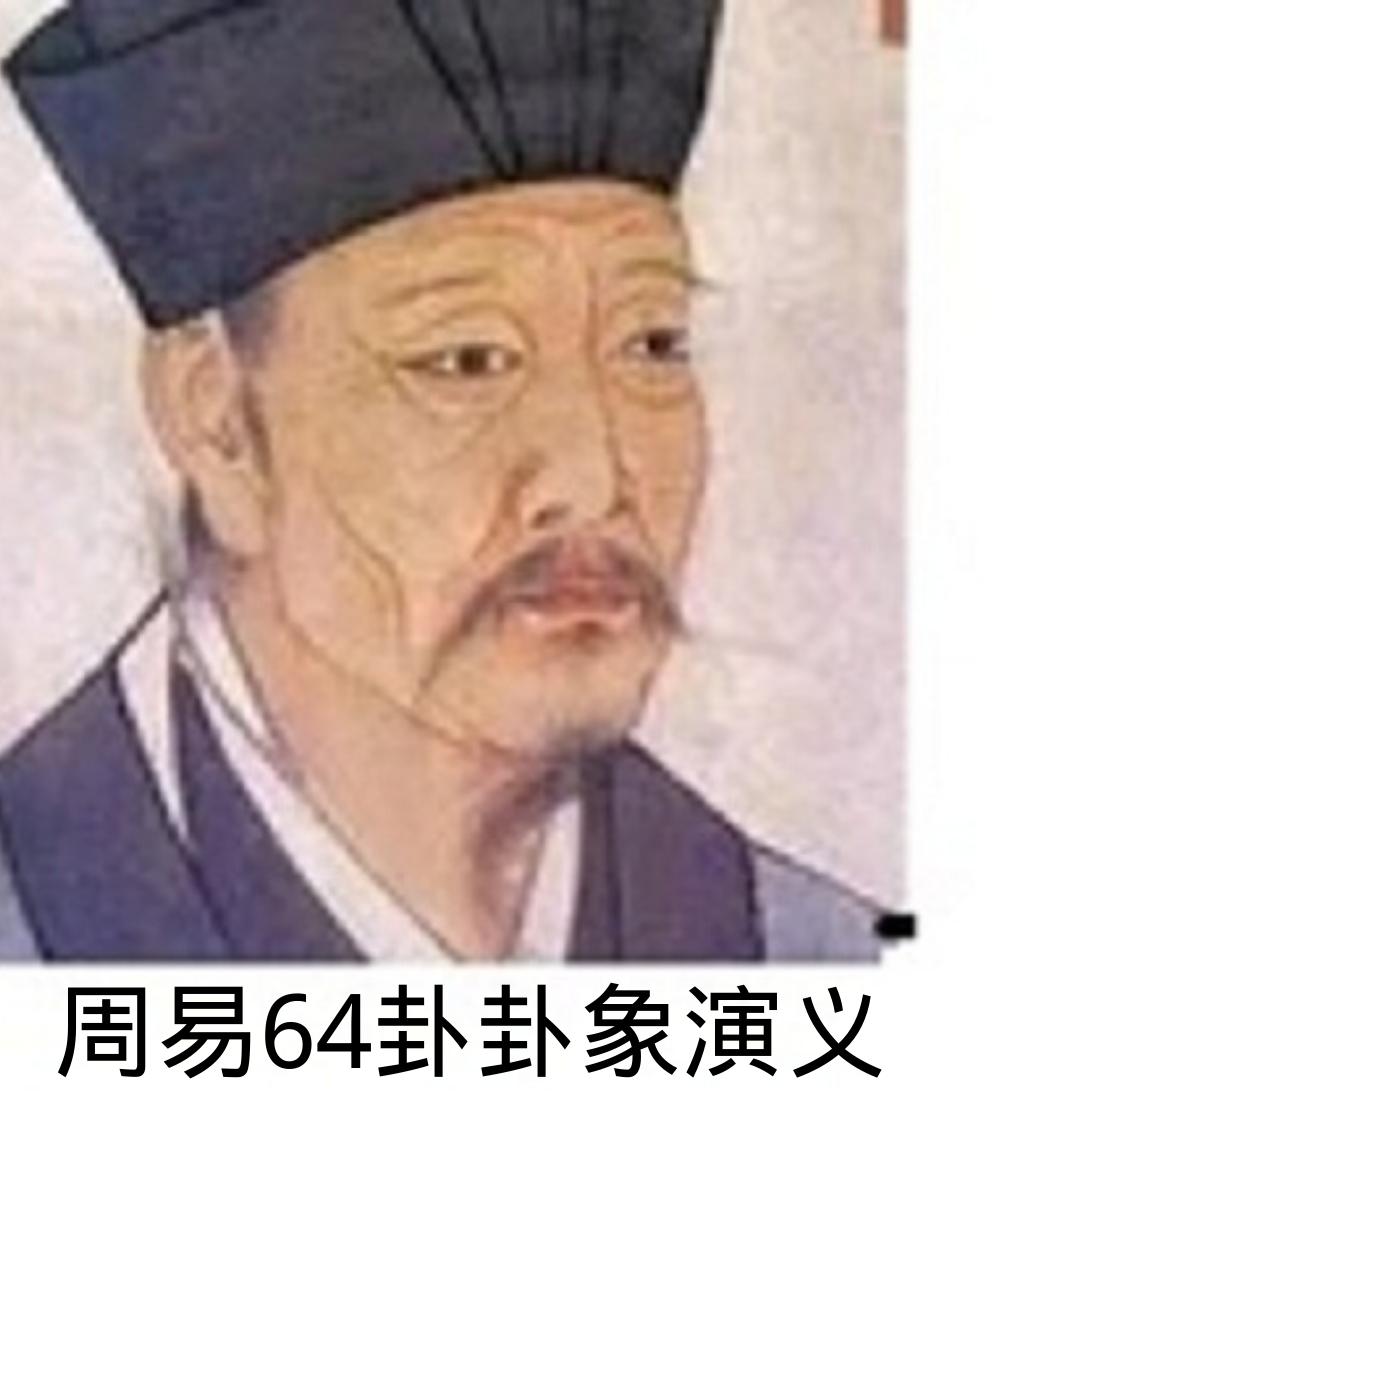 周易64卦卦象演义